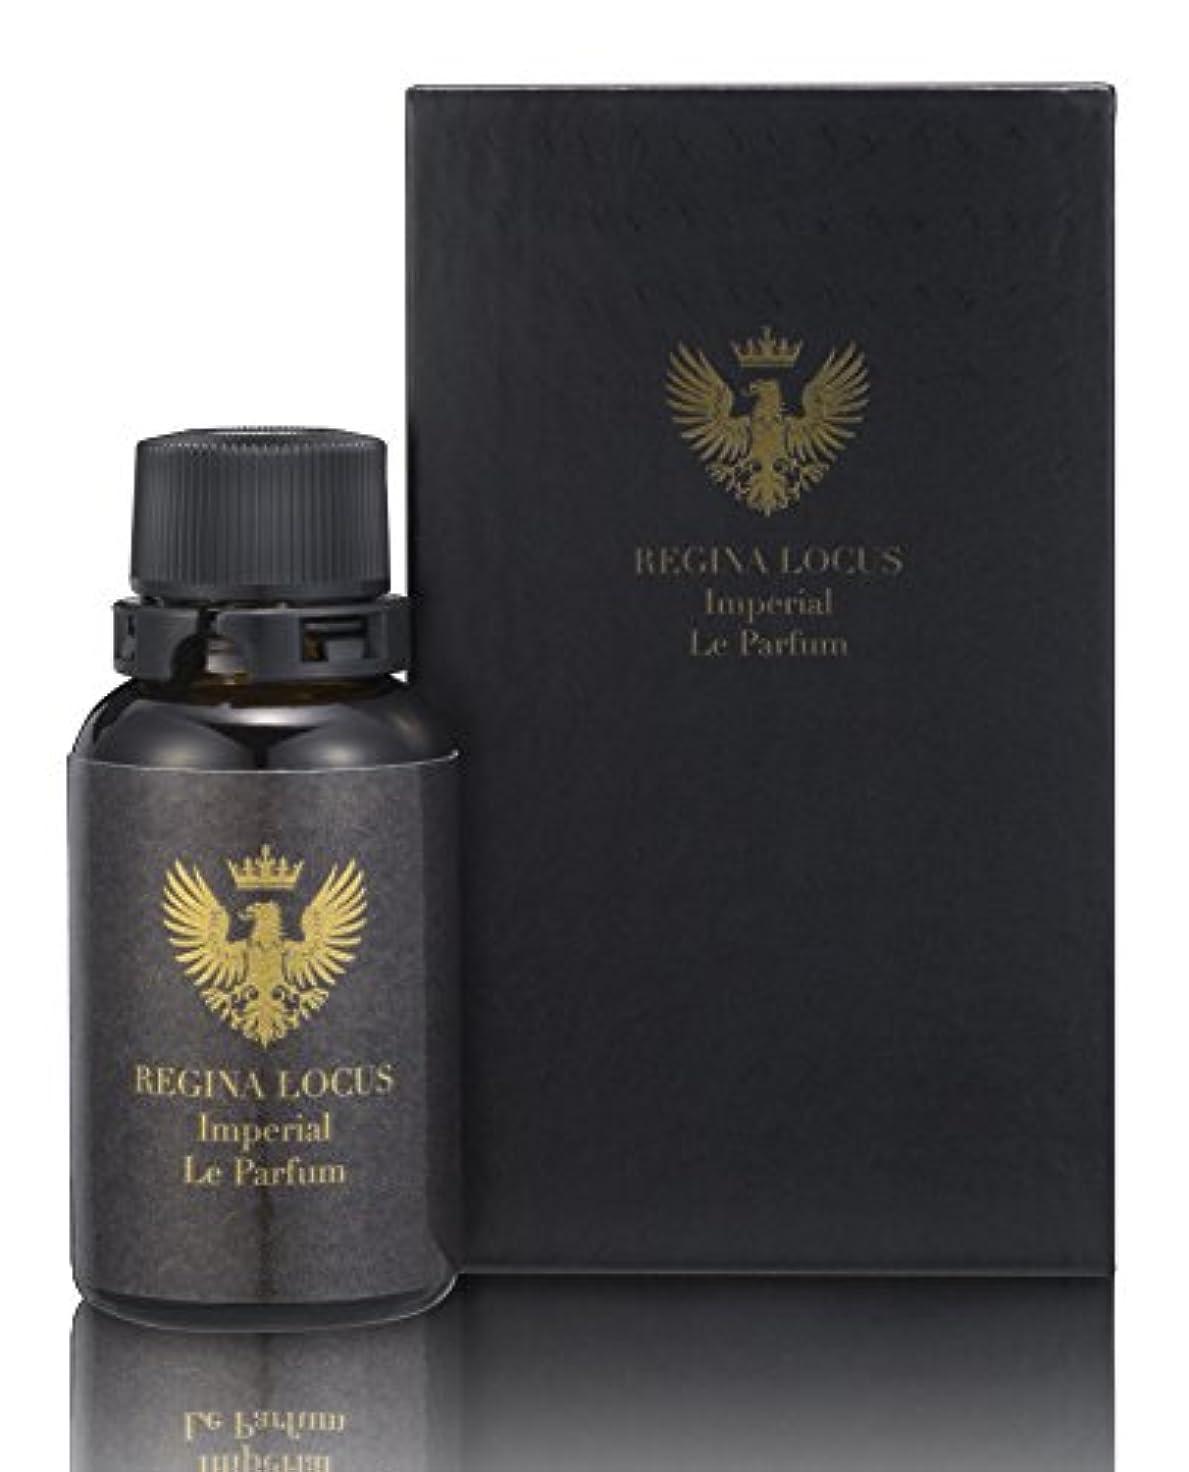 平らにする講義言うまでもなくメンズ 香水 紳士用 パフューム [ベルガモット ローズ シダーウッド] Imperial Le Parfum -ル パルファン- 30ml 【TENBUDO (旧REGINA LOCUS MEN)】